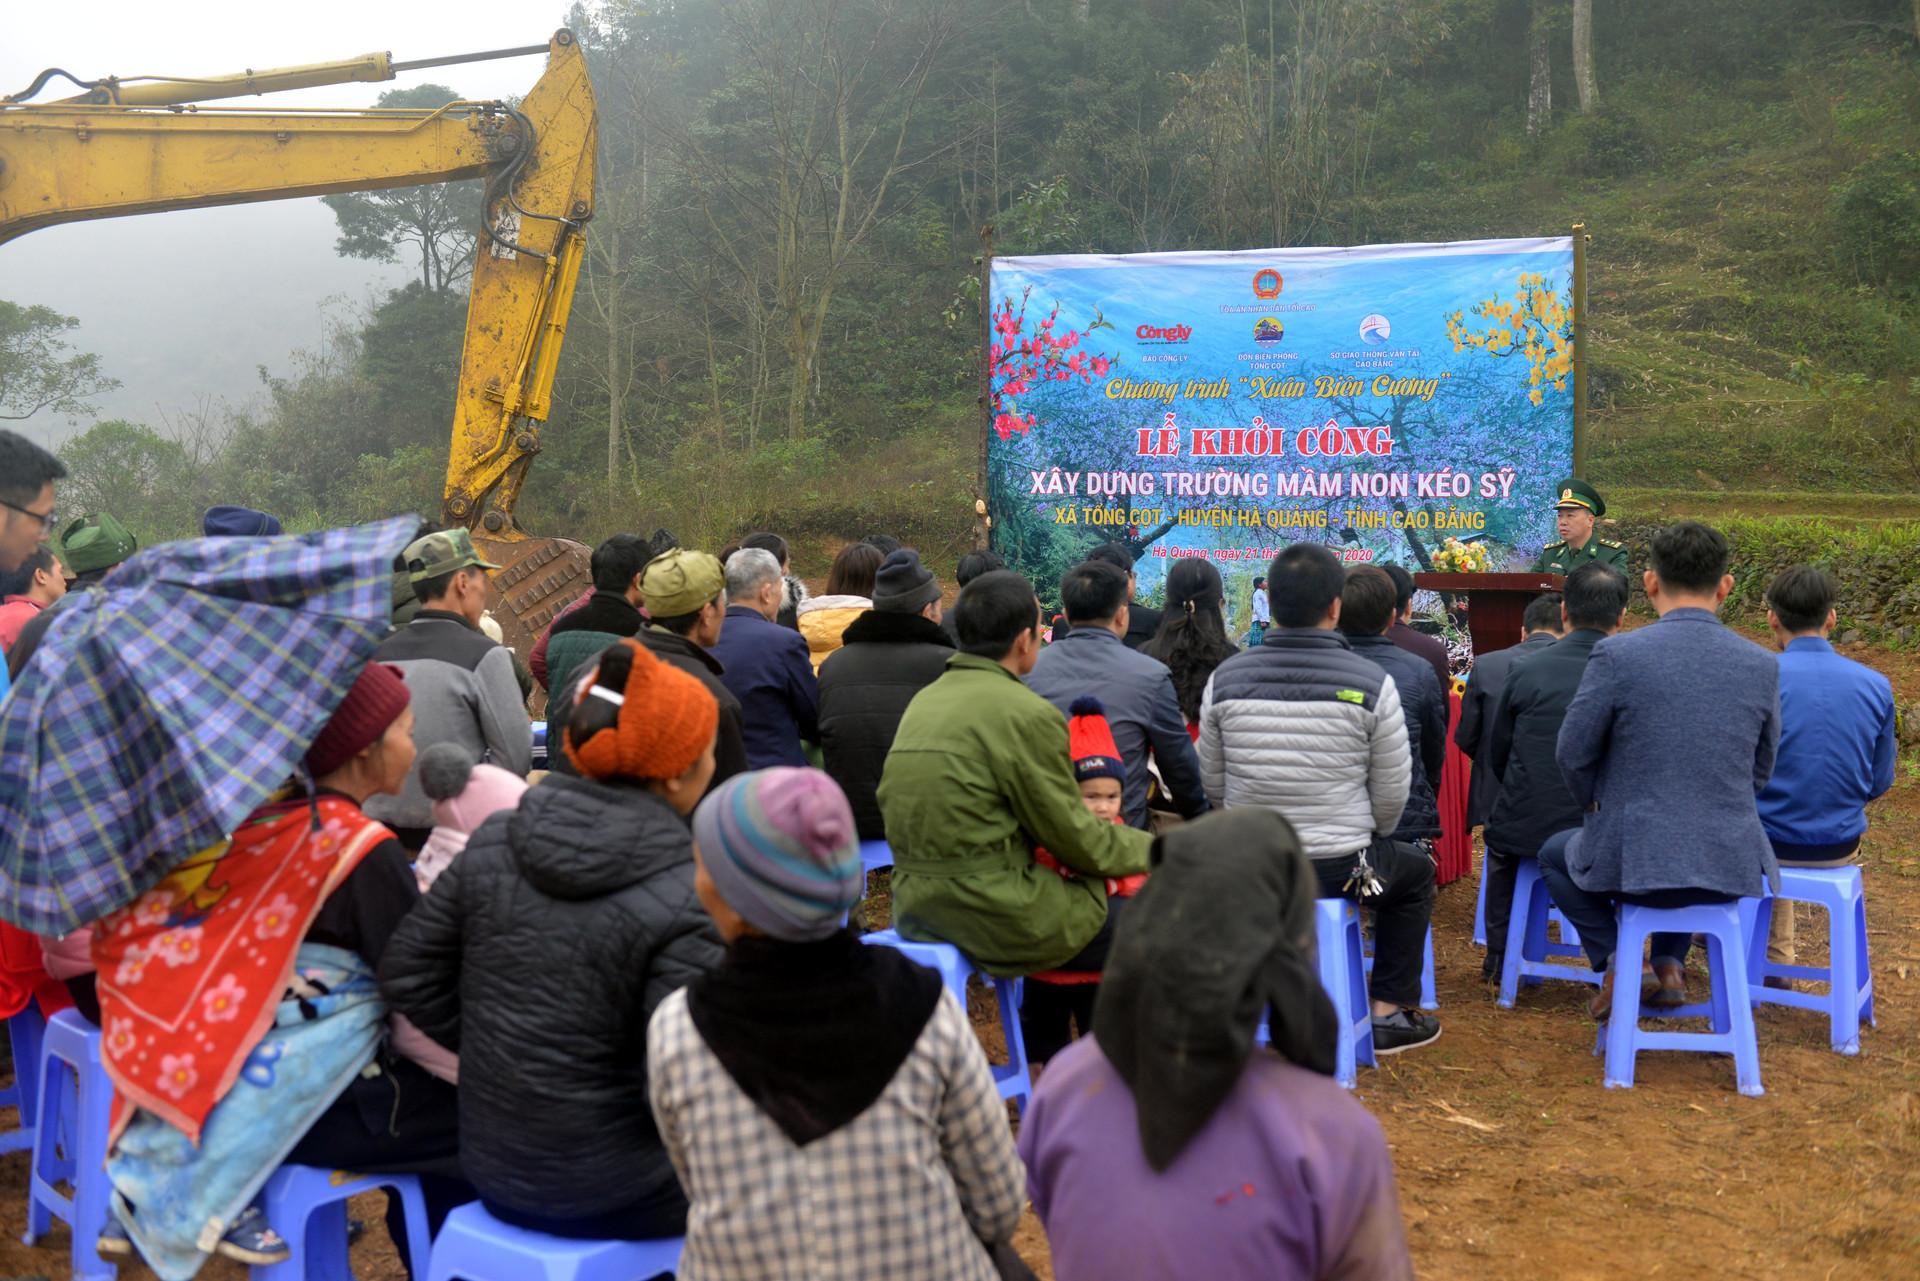 Báo Công lý phối hợp khởi công xây dựng Trường mầm non Kéo Sỹ